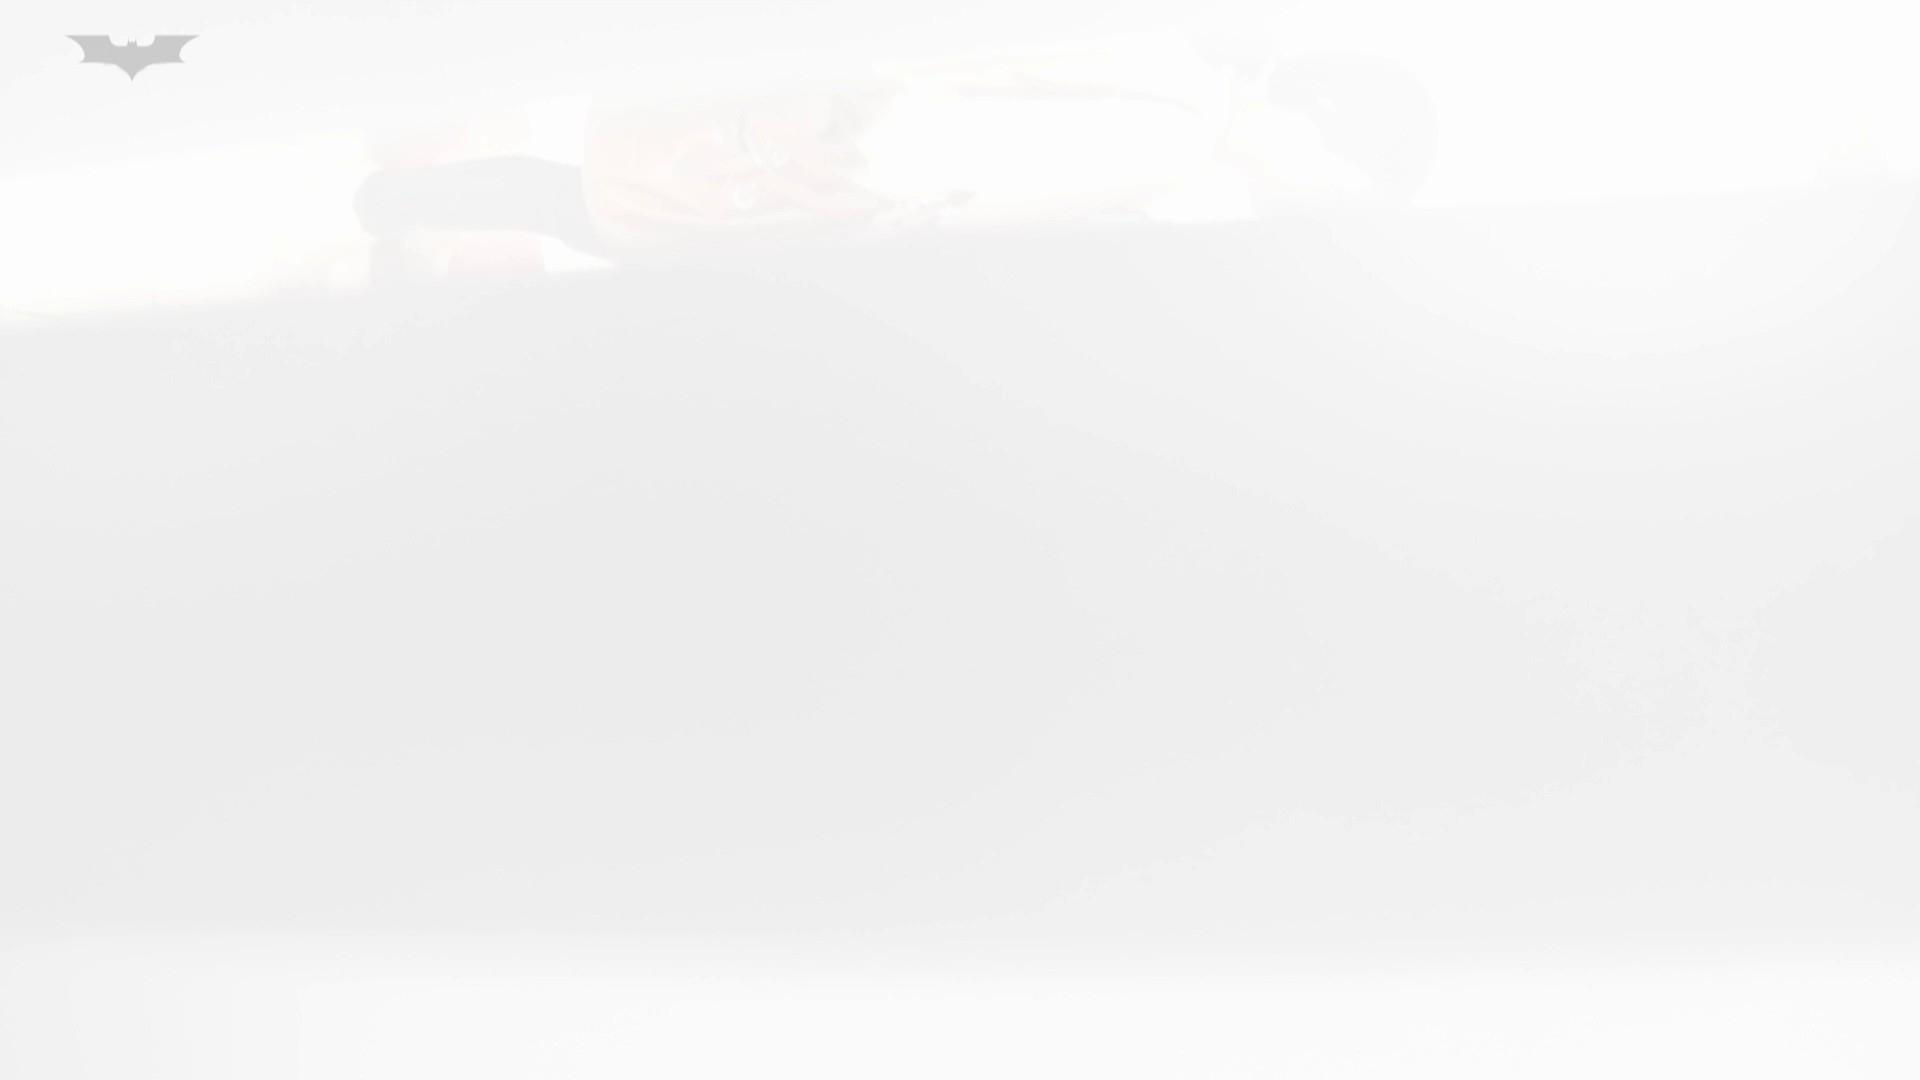 お銀 vol.74 典型的な韓国人美女登場!! OL   洗面所着替え  78連発 17